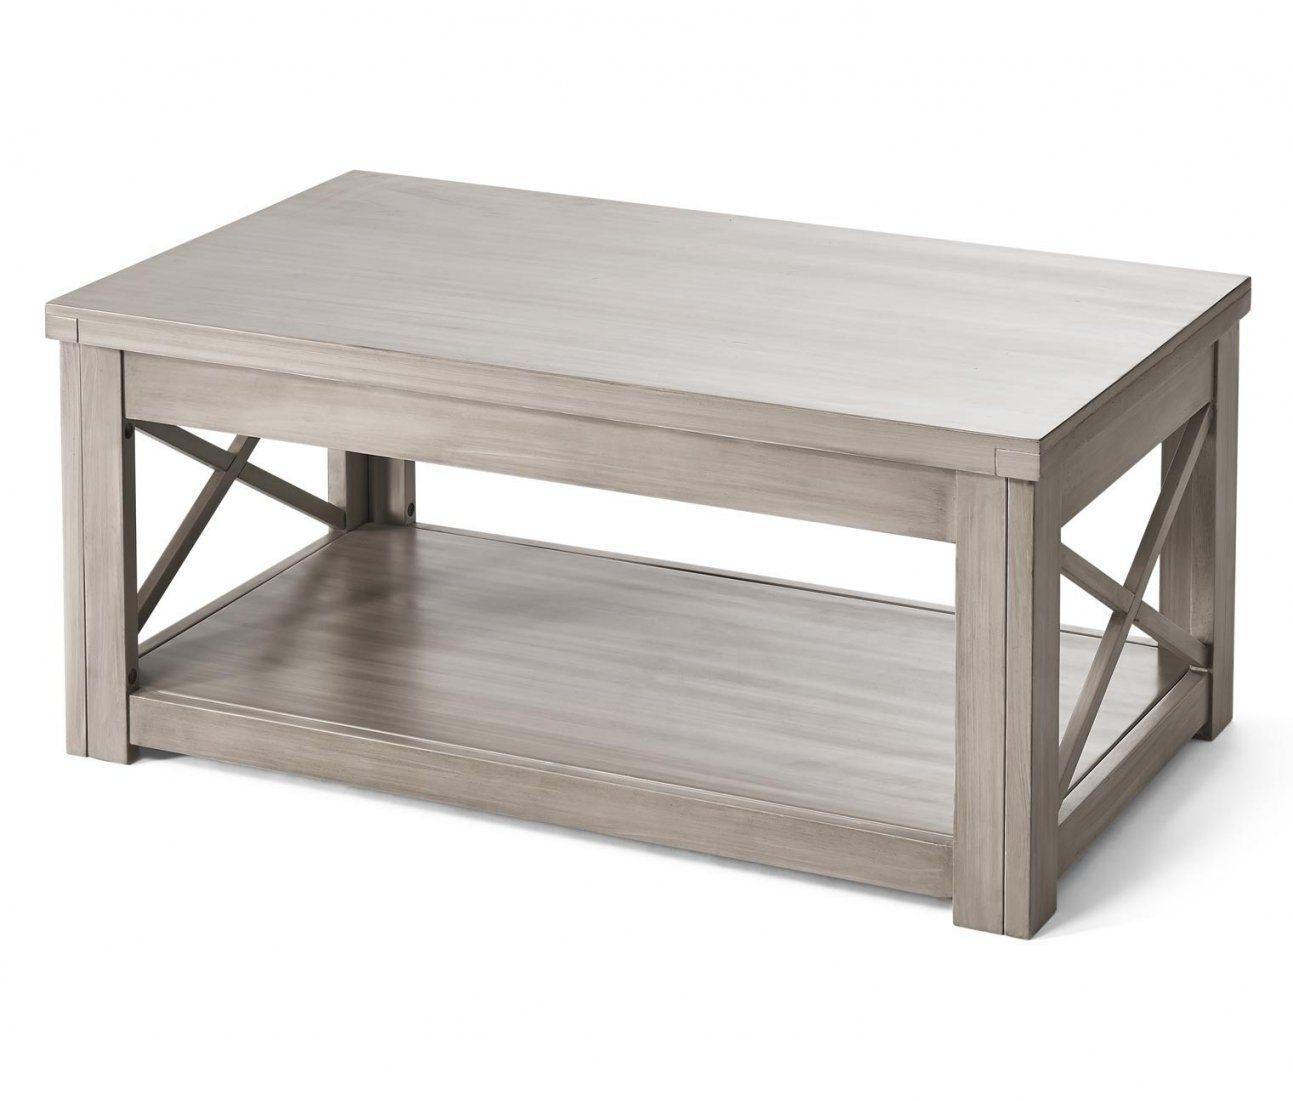 funktions couchtisch tchibo am besten bewertete produkte in der kategorie couchtische amazon de. Black Bedroom Furniture Sets. Home Design Ideas